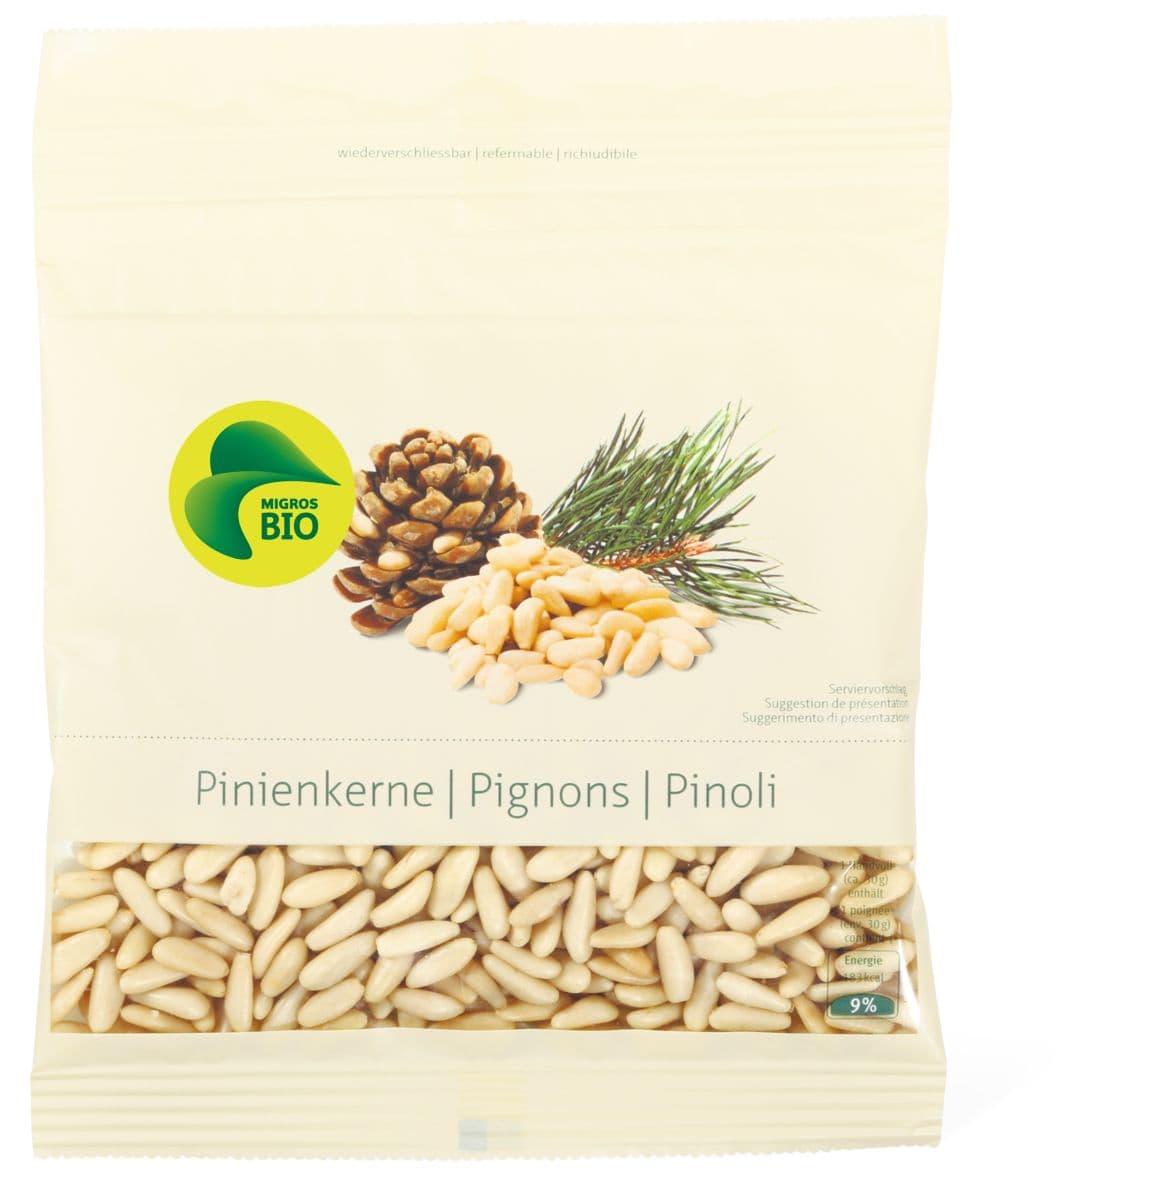 Bio pignons